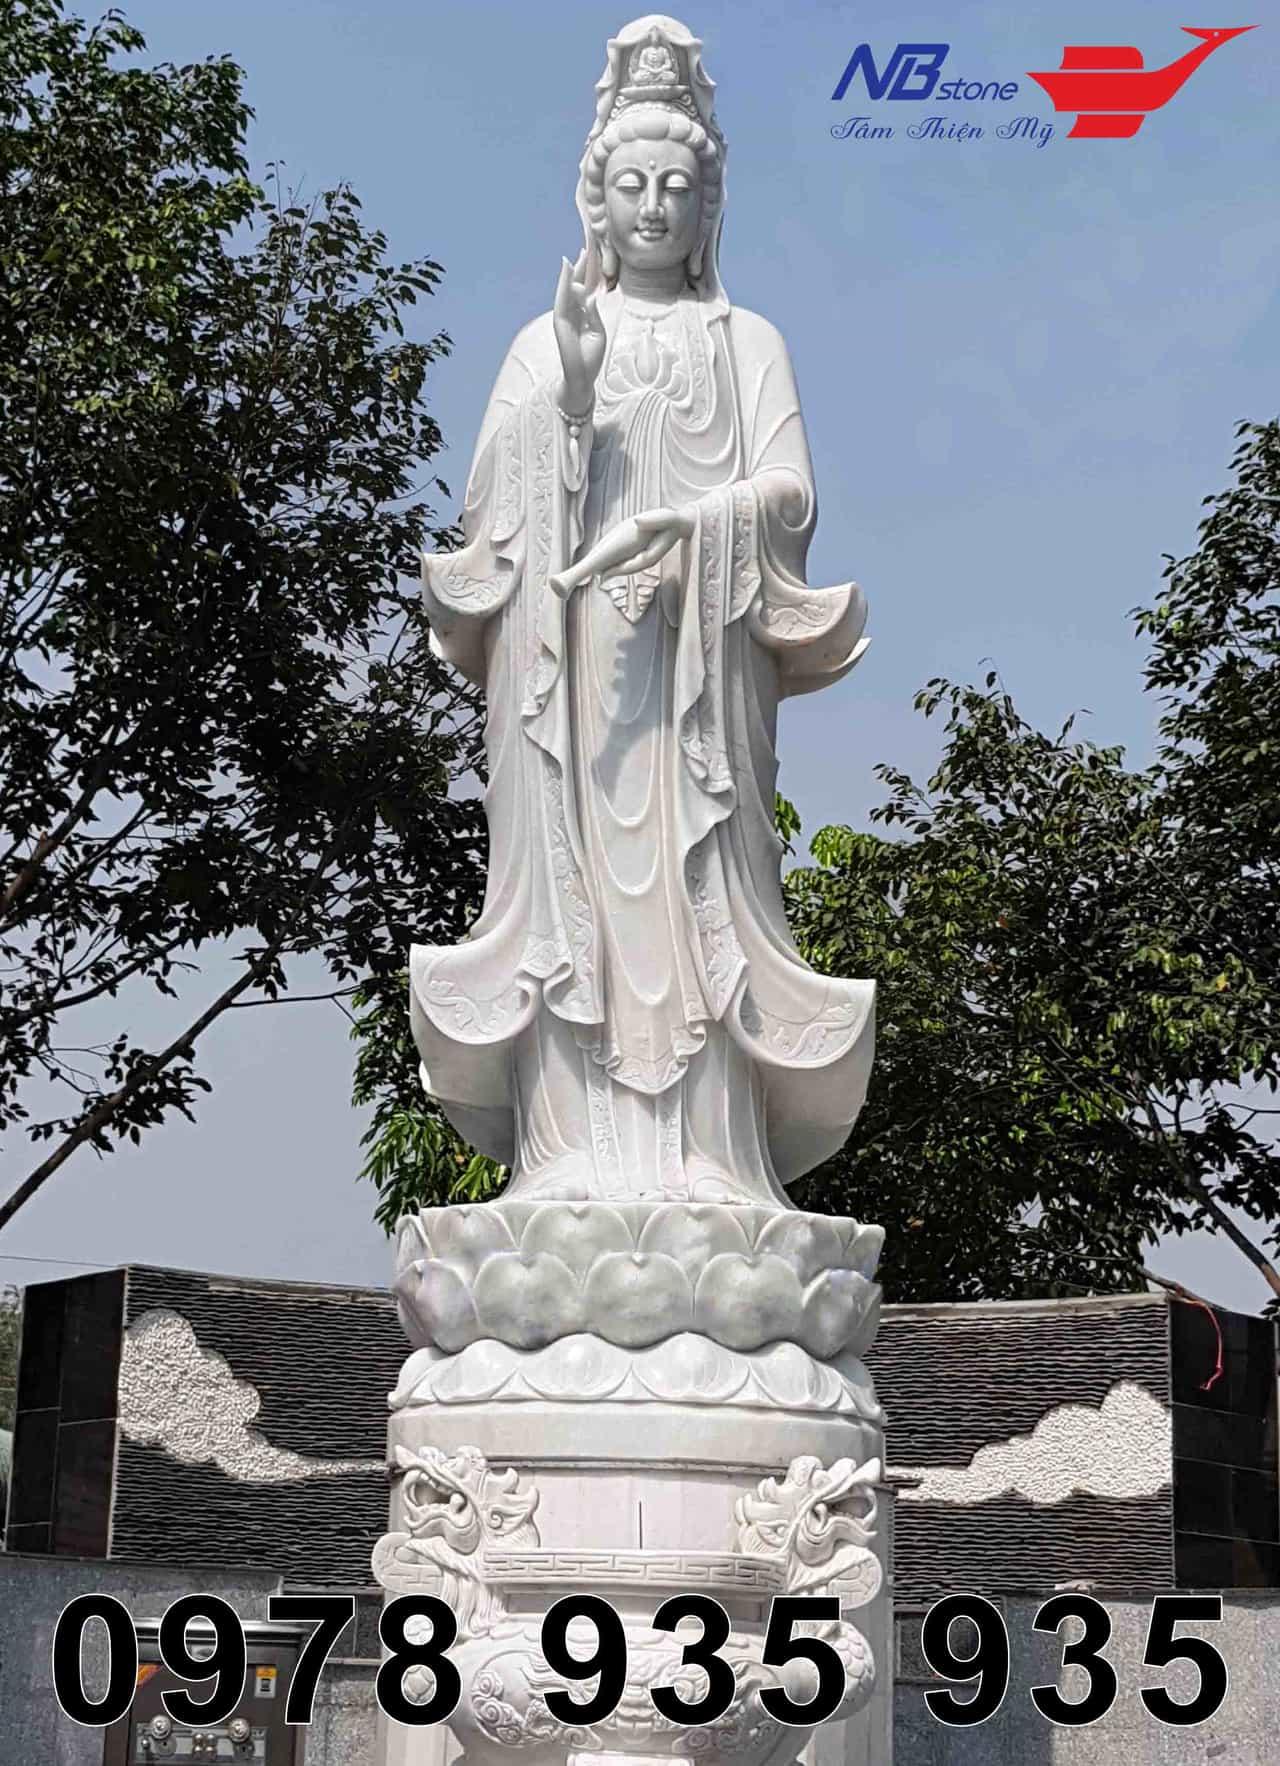 15 mẫu tượng phật quan âm đẹp nhất tại Ninh Bình Stone